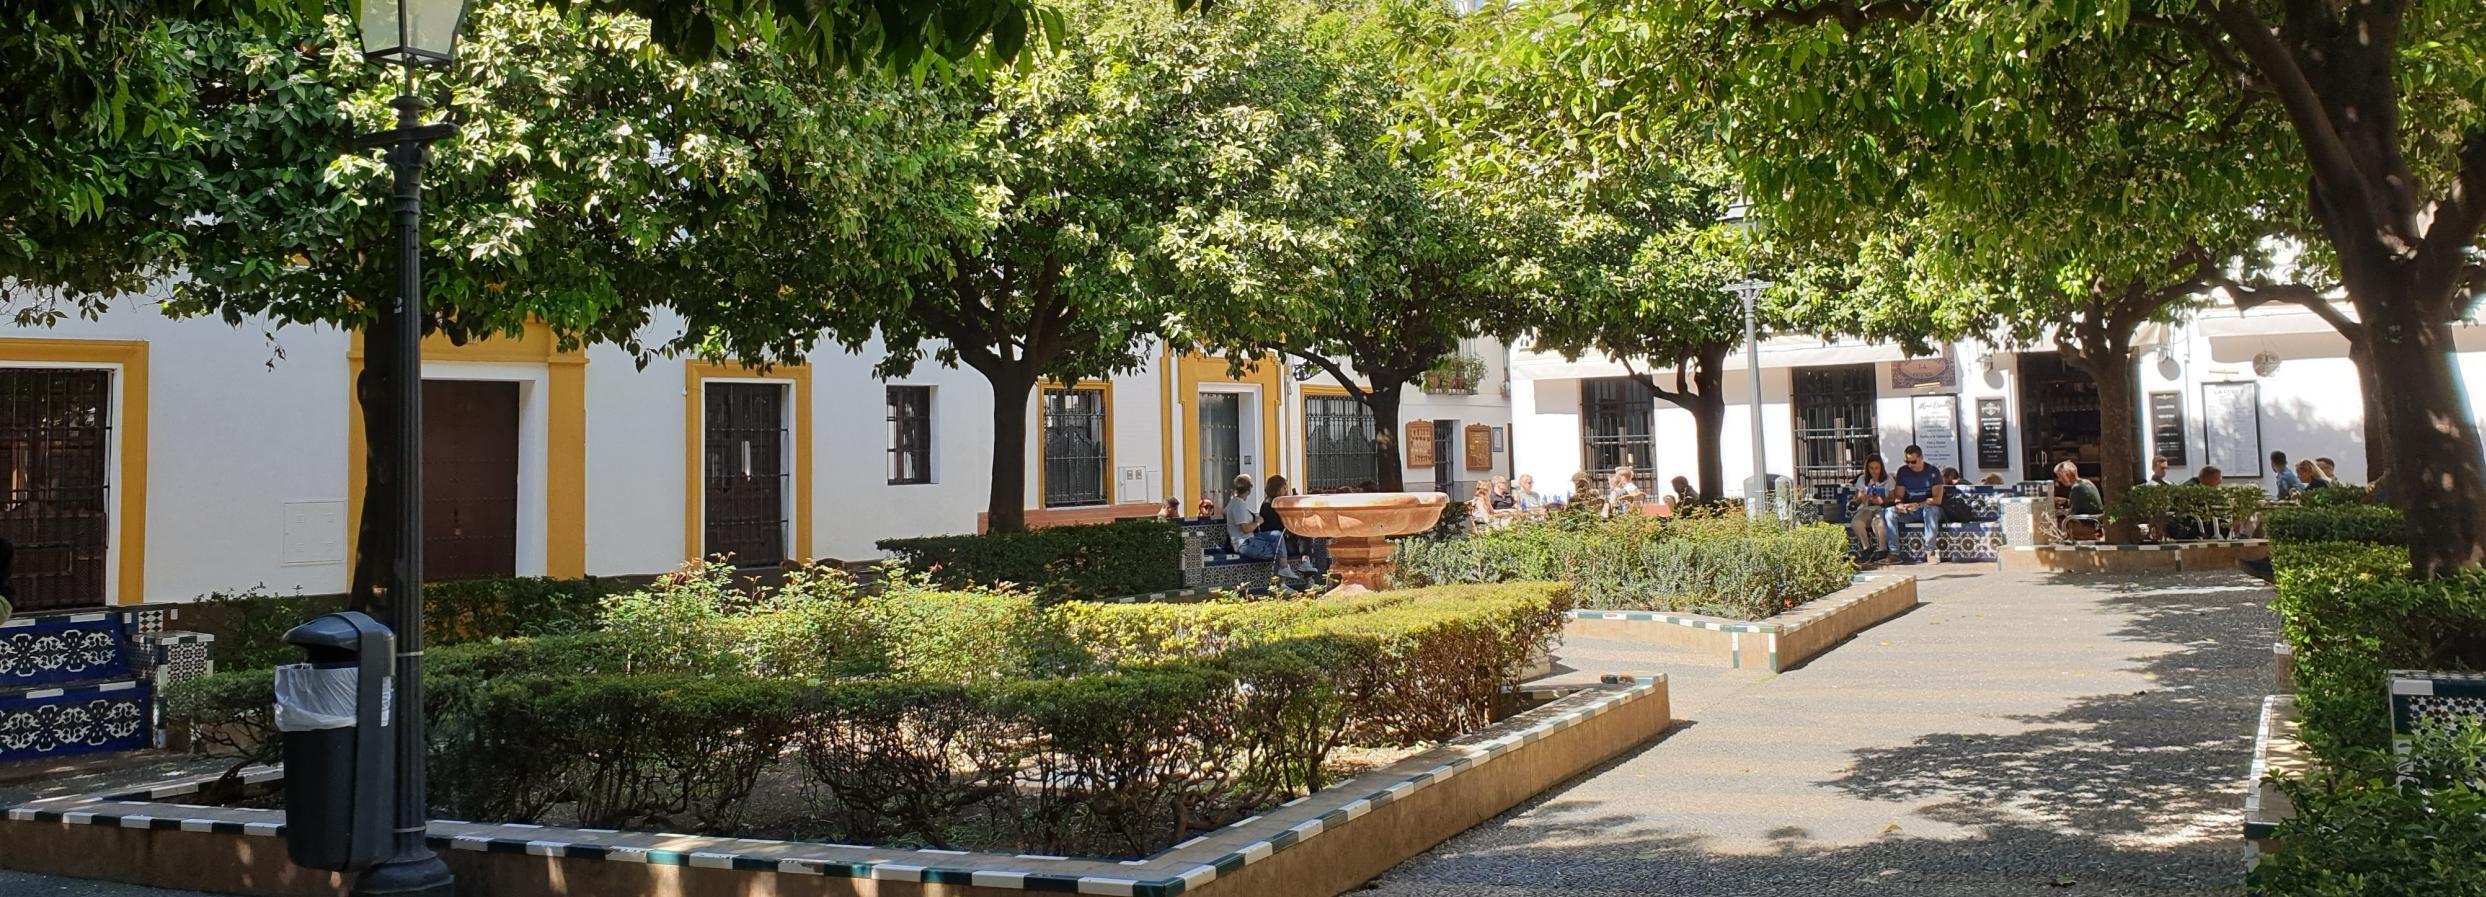 Sevilla: Oper, jüdische Geschichte und Santa Cruz Walking Tour